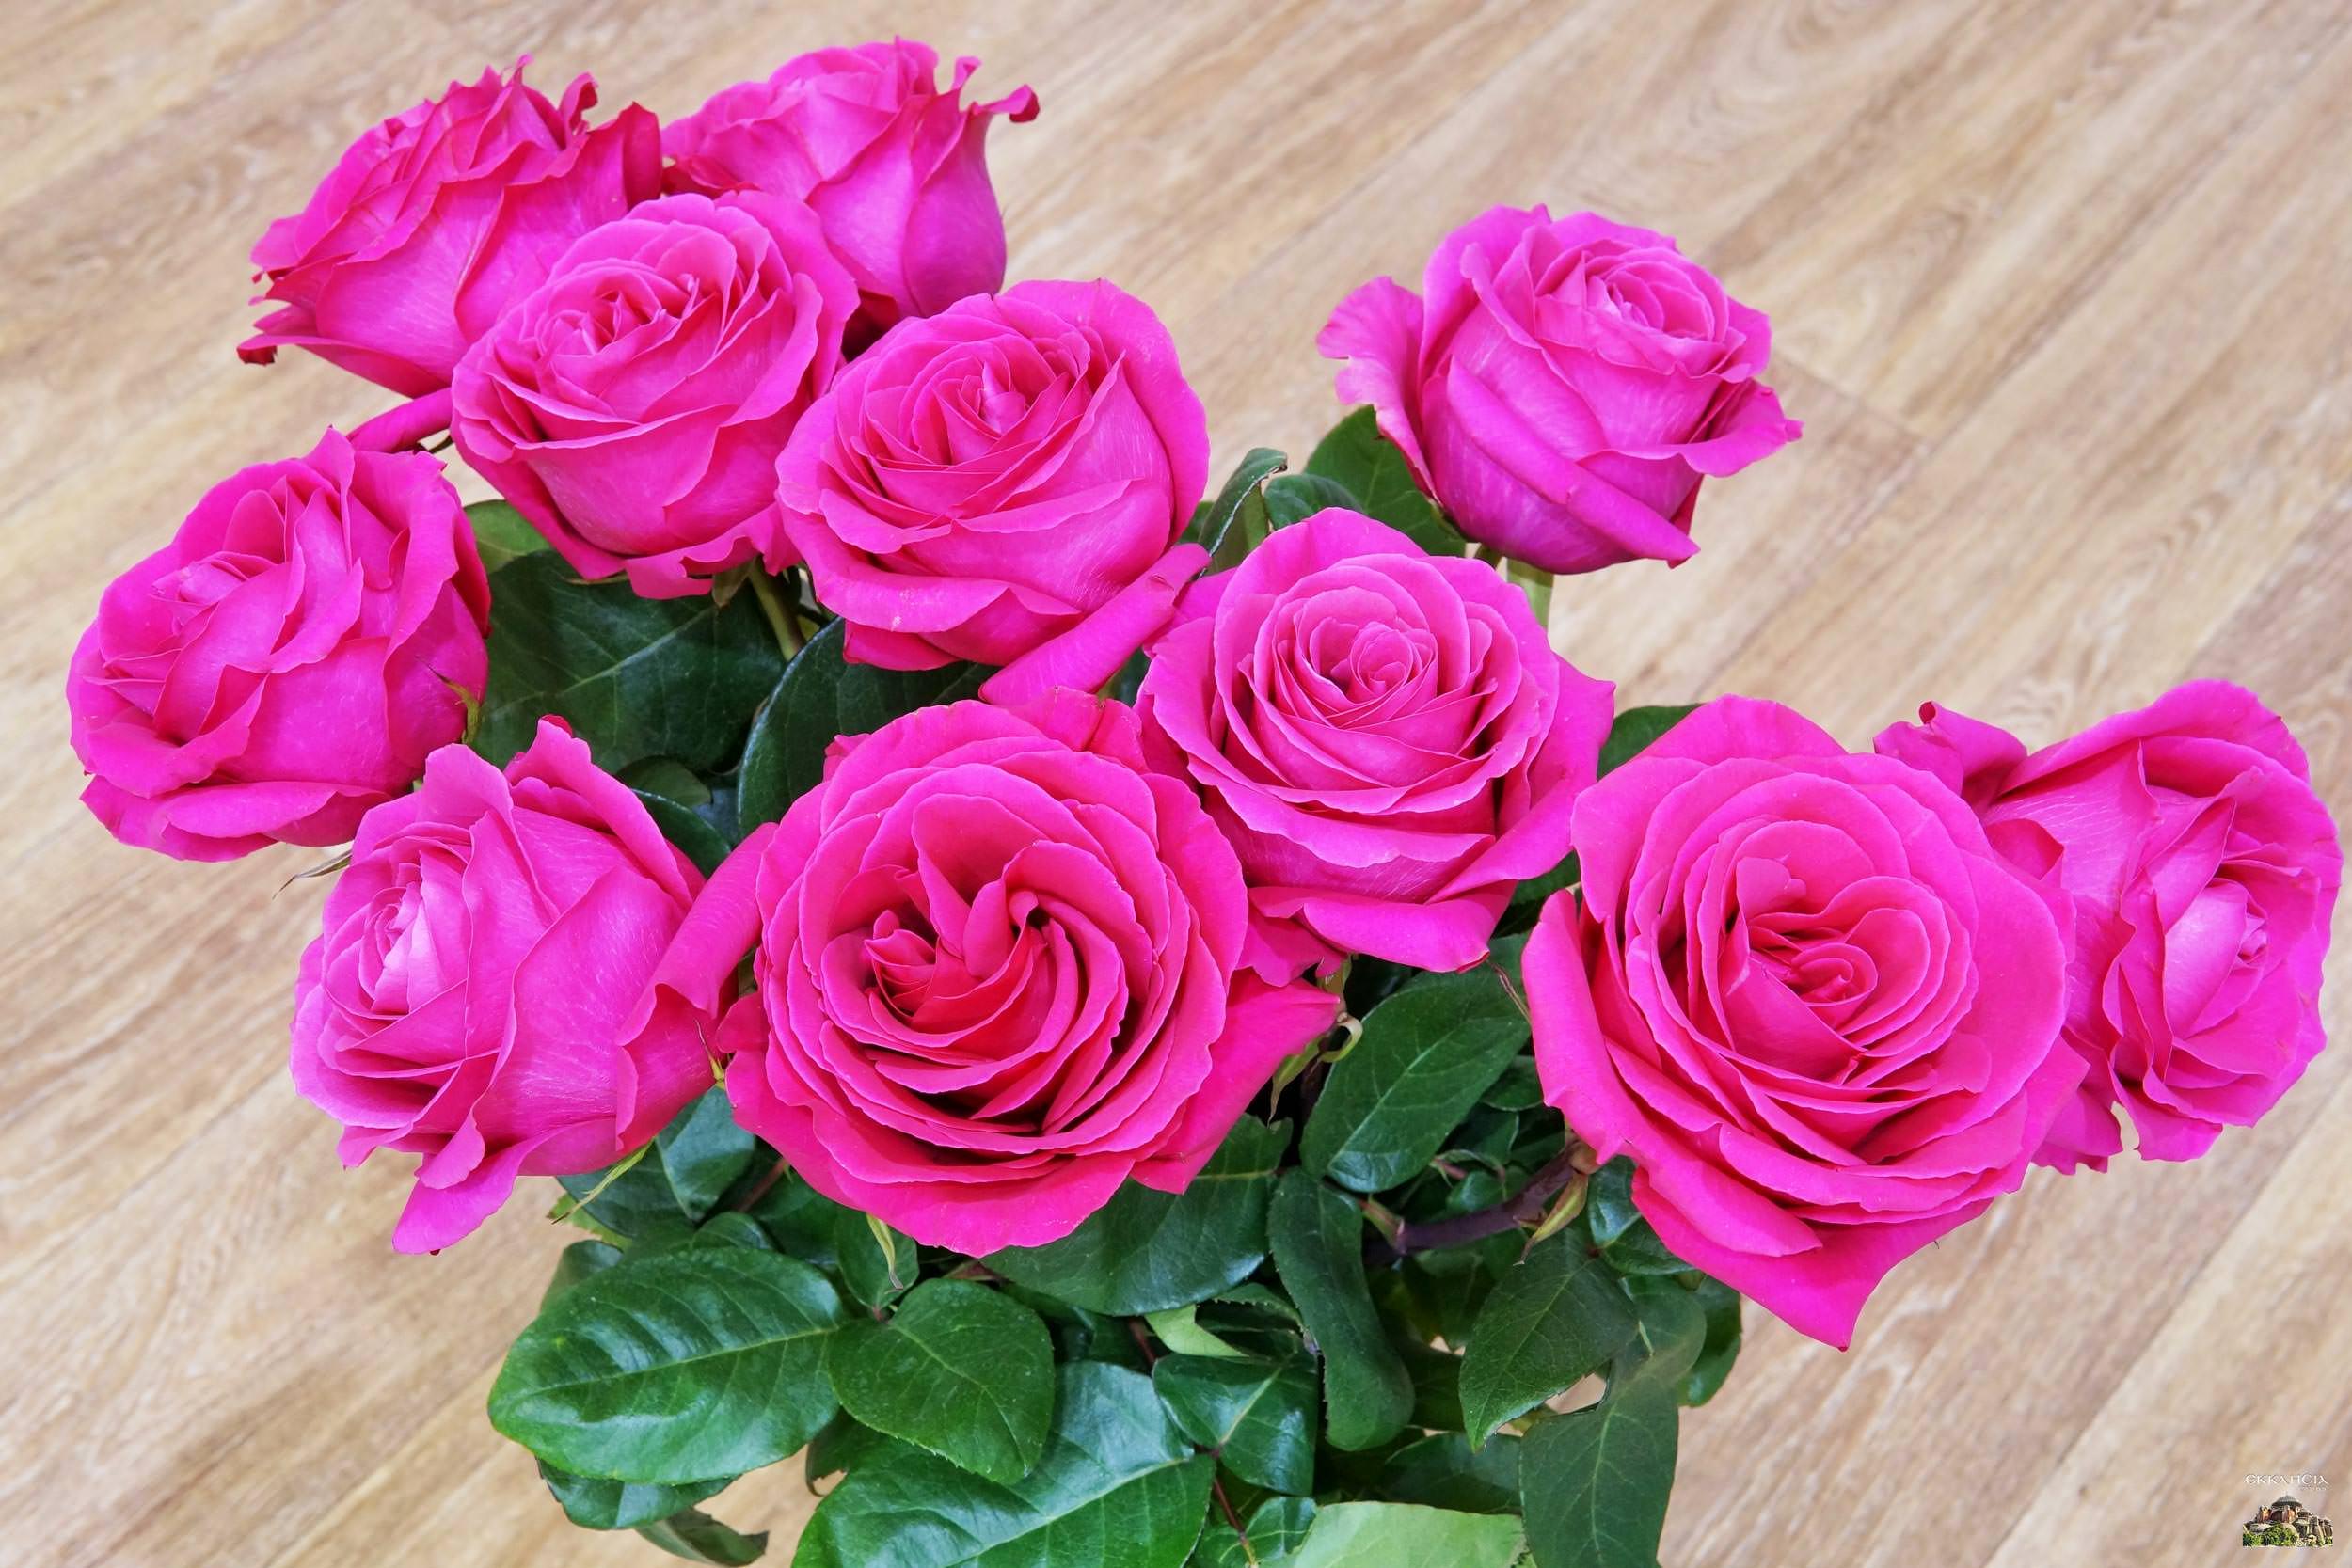 Γιορτή λουλούδια